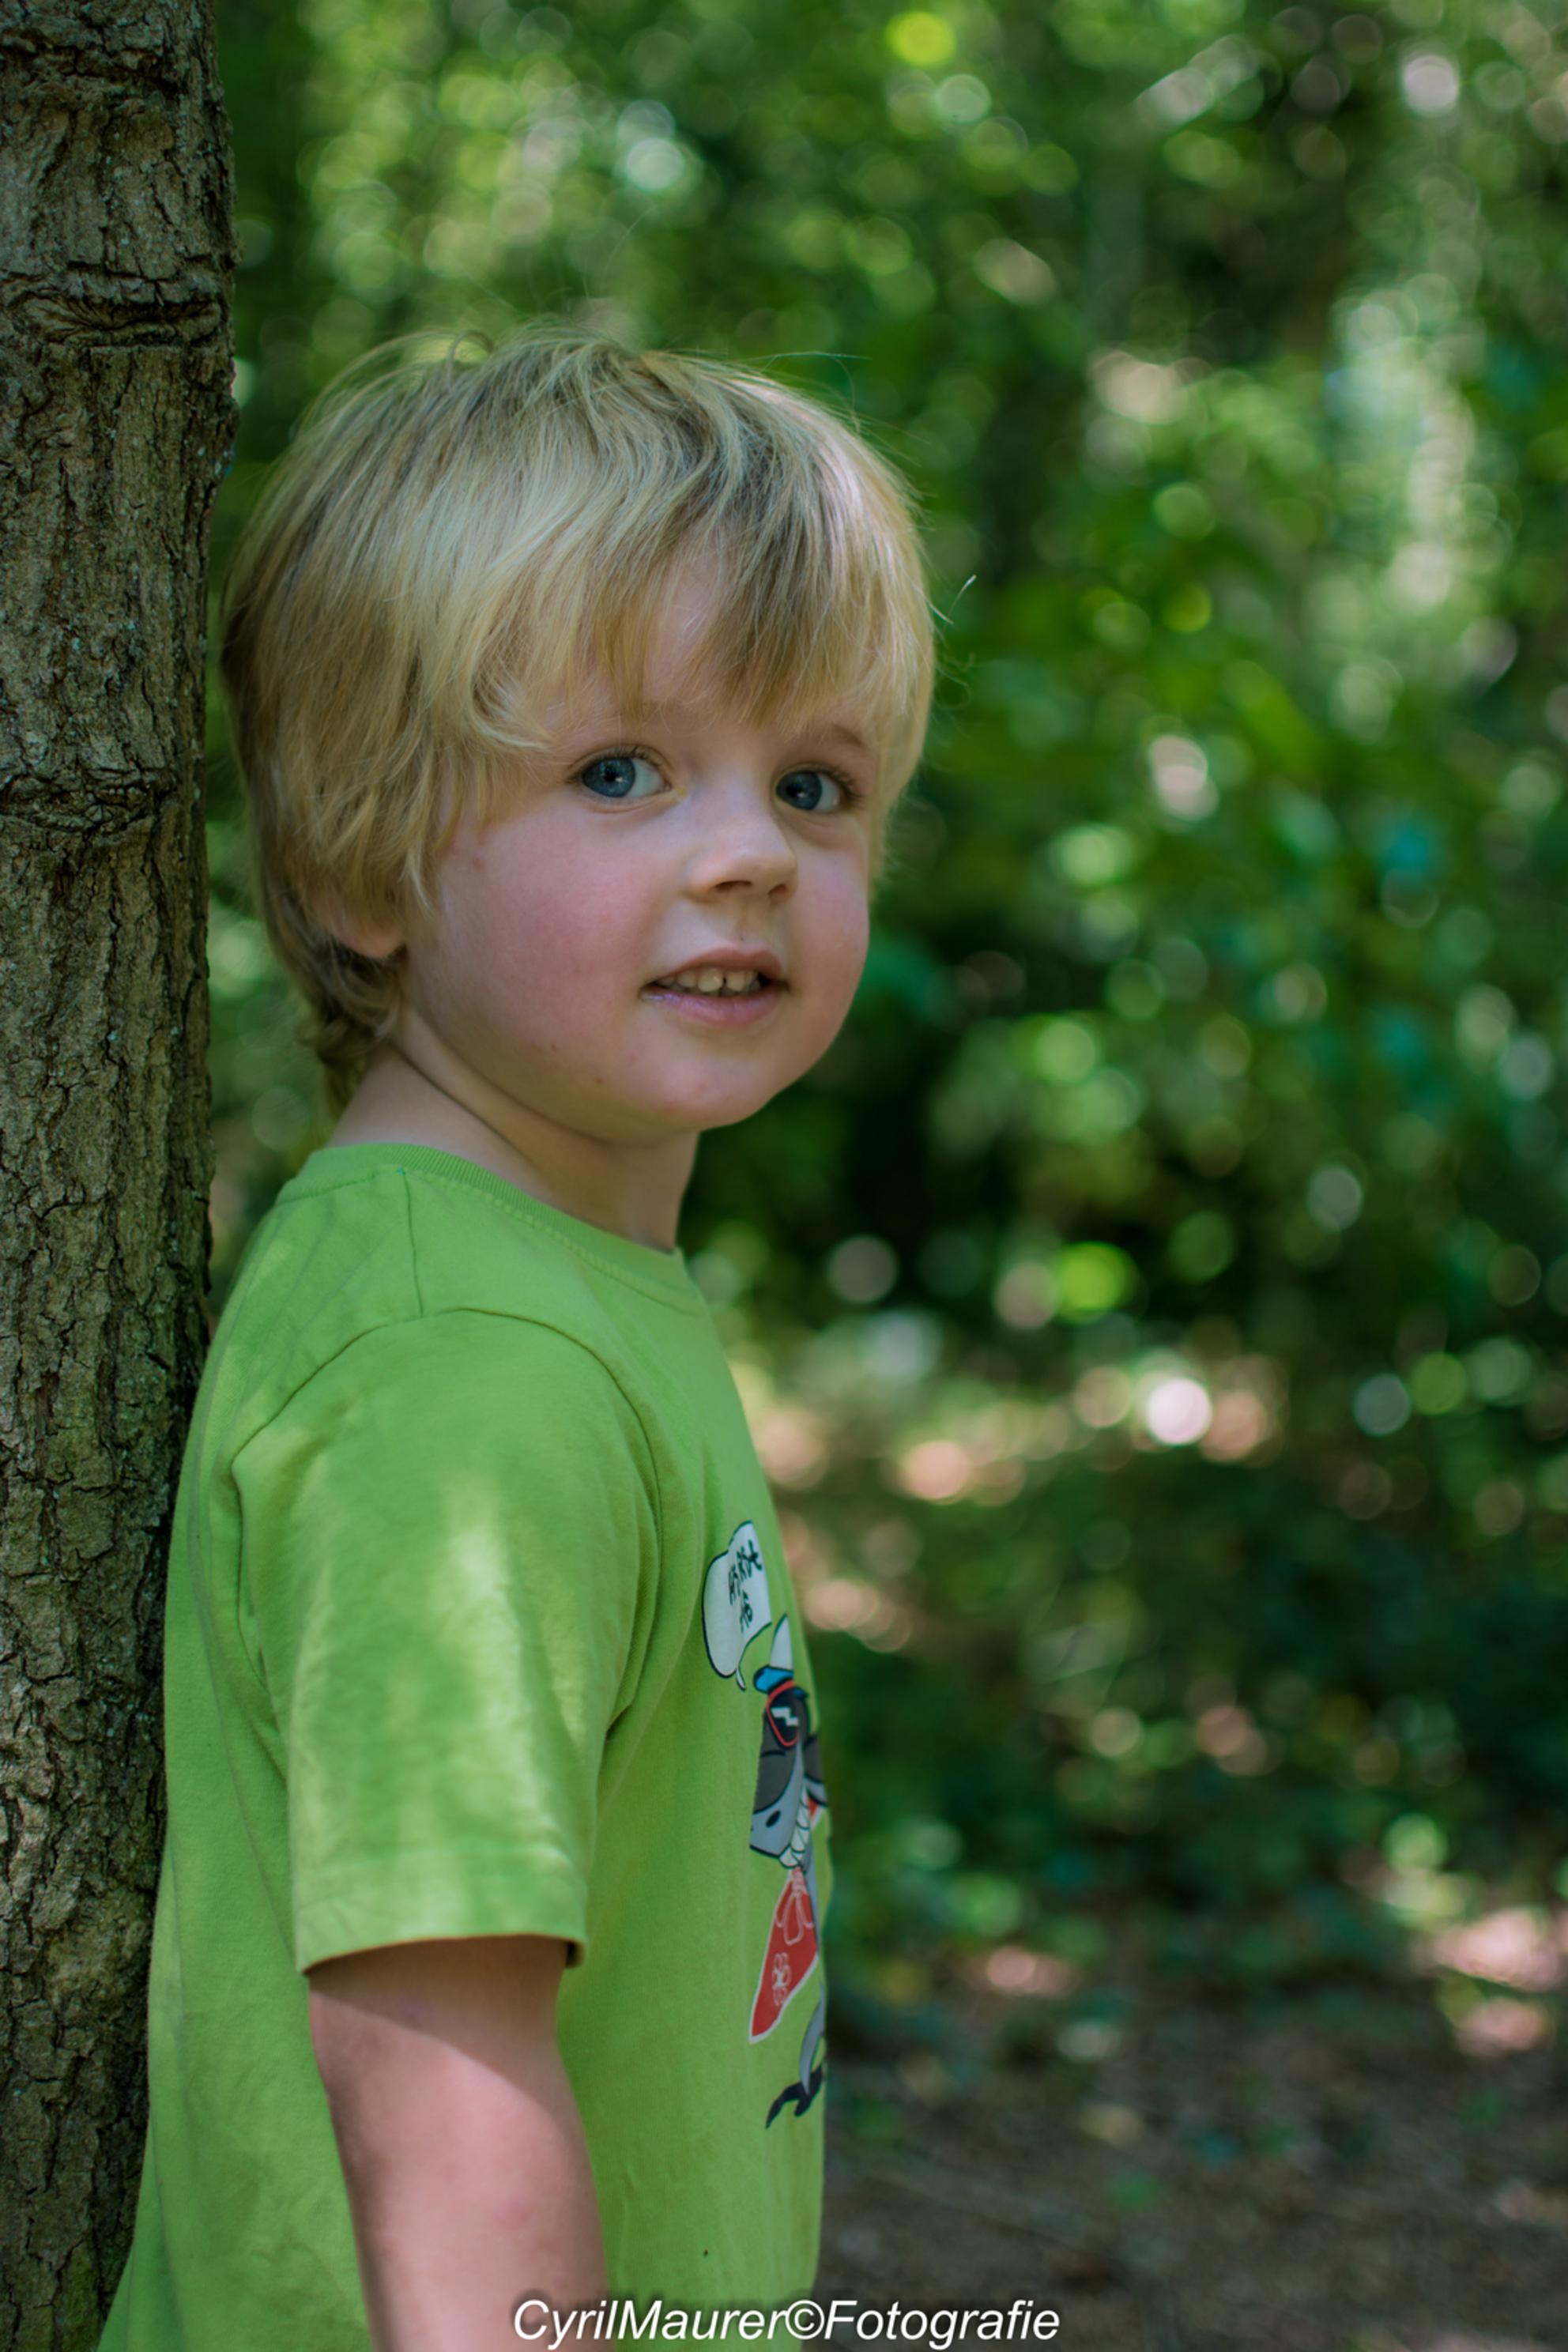 kijk papa nog een laatse foto nemen bij de boom - deze is genomen op de terug weg naar huis vlak bij de bos rand. ook hier was Lucas zelf an het poseren en was het een kwestie van lekker foto's,s sch - foto door sipmaurer op 20-07-2016 - deze foto bevat: groen, donker, bruin, portret, schaduw, daglicht, kind, ogen, lucas, buiten, blond, kleding, bokeh, 35mm, mijn zoon